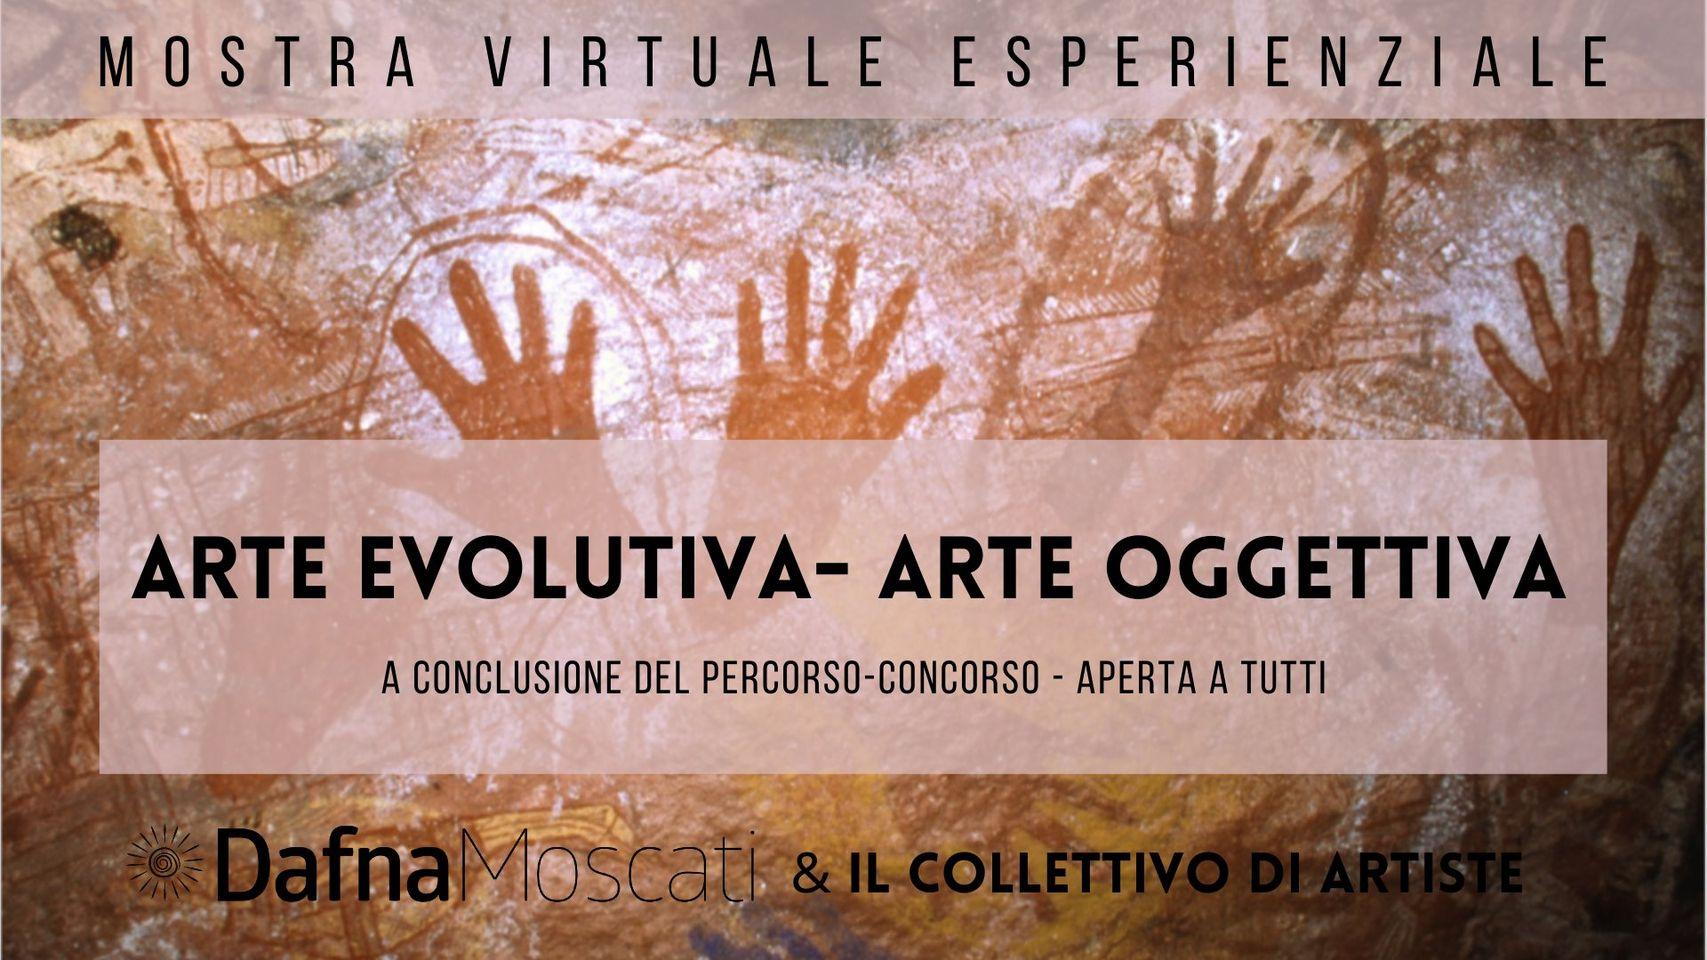 Mostra virtuale esperienziale ARTE OGGETTIVA - ARTE EVOLUTIVA